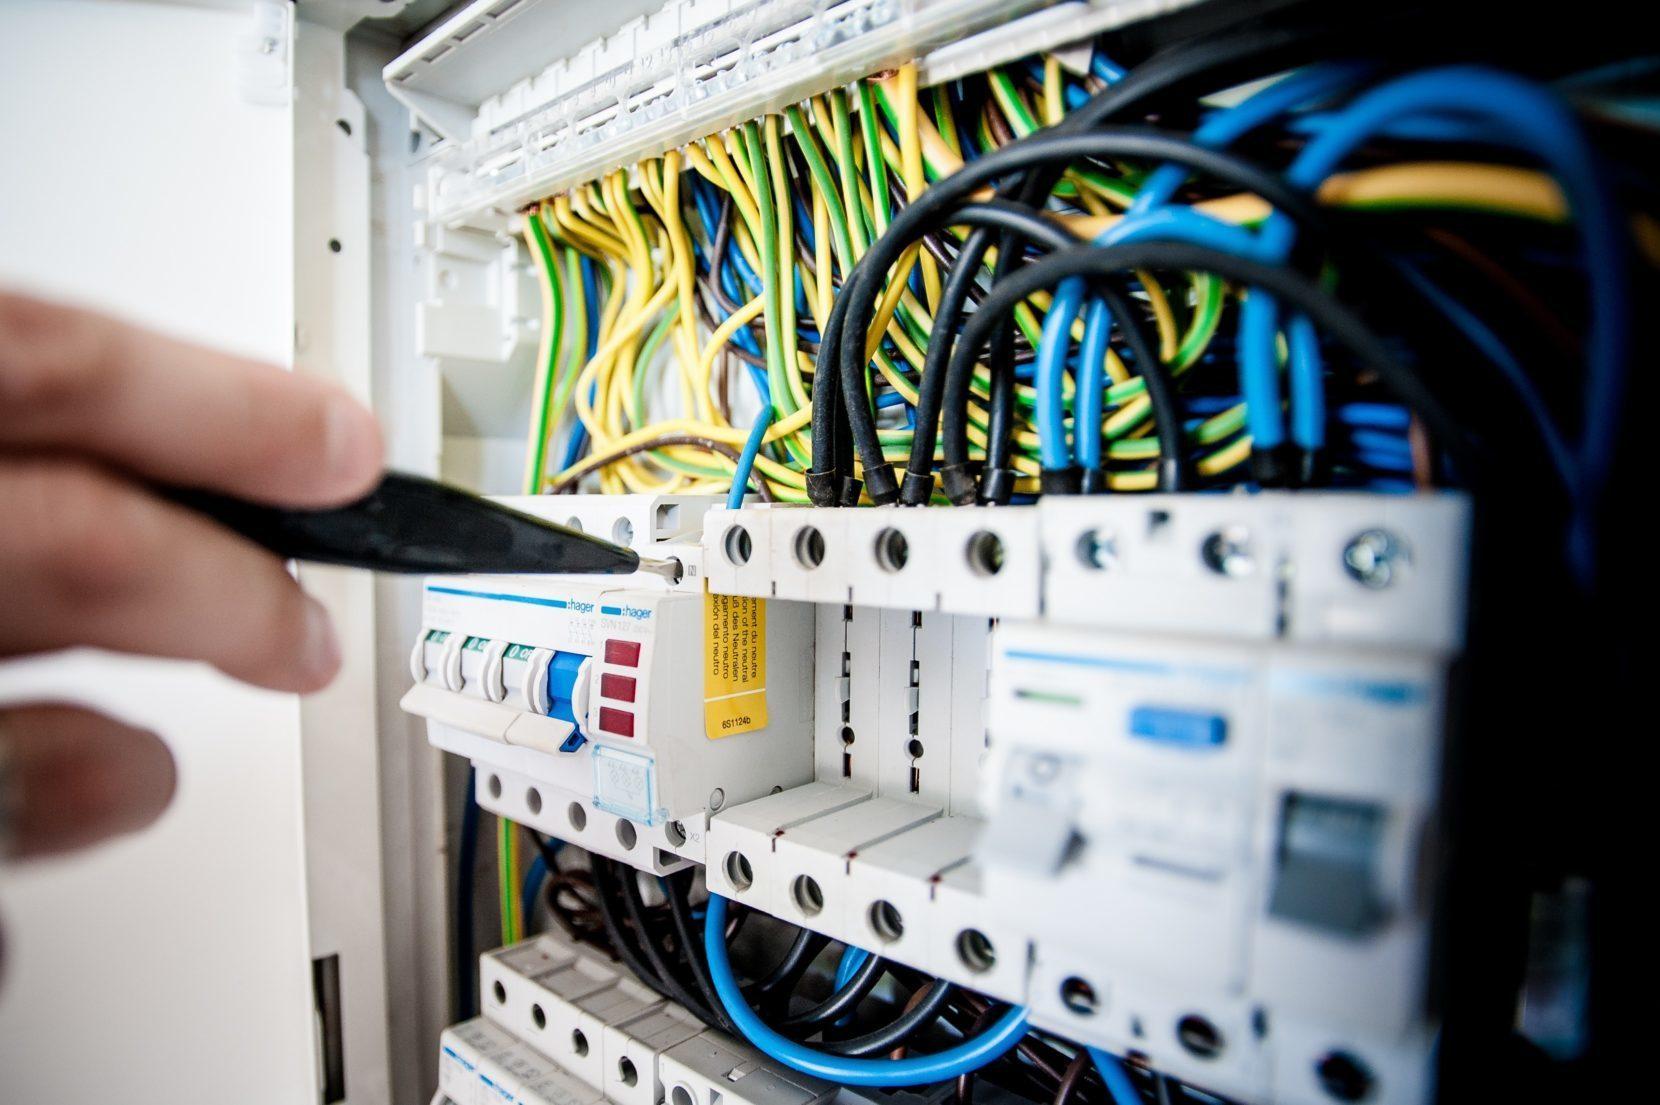 Apparecchiature assiemate di protezione e manovra – Electrosuisse